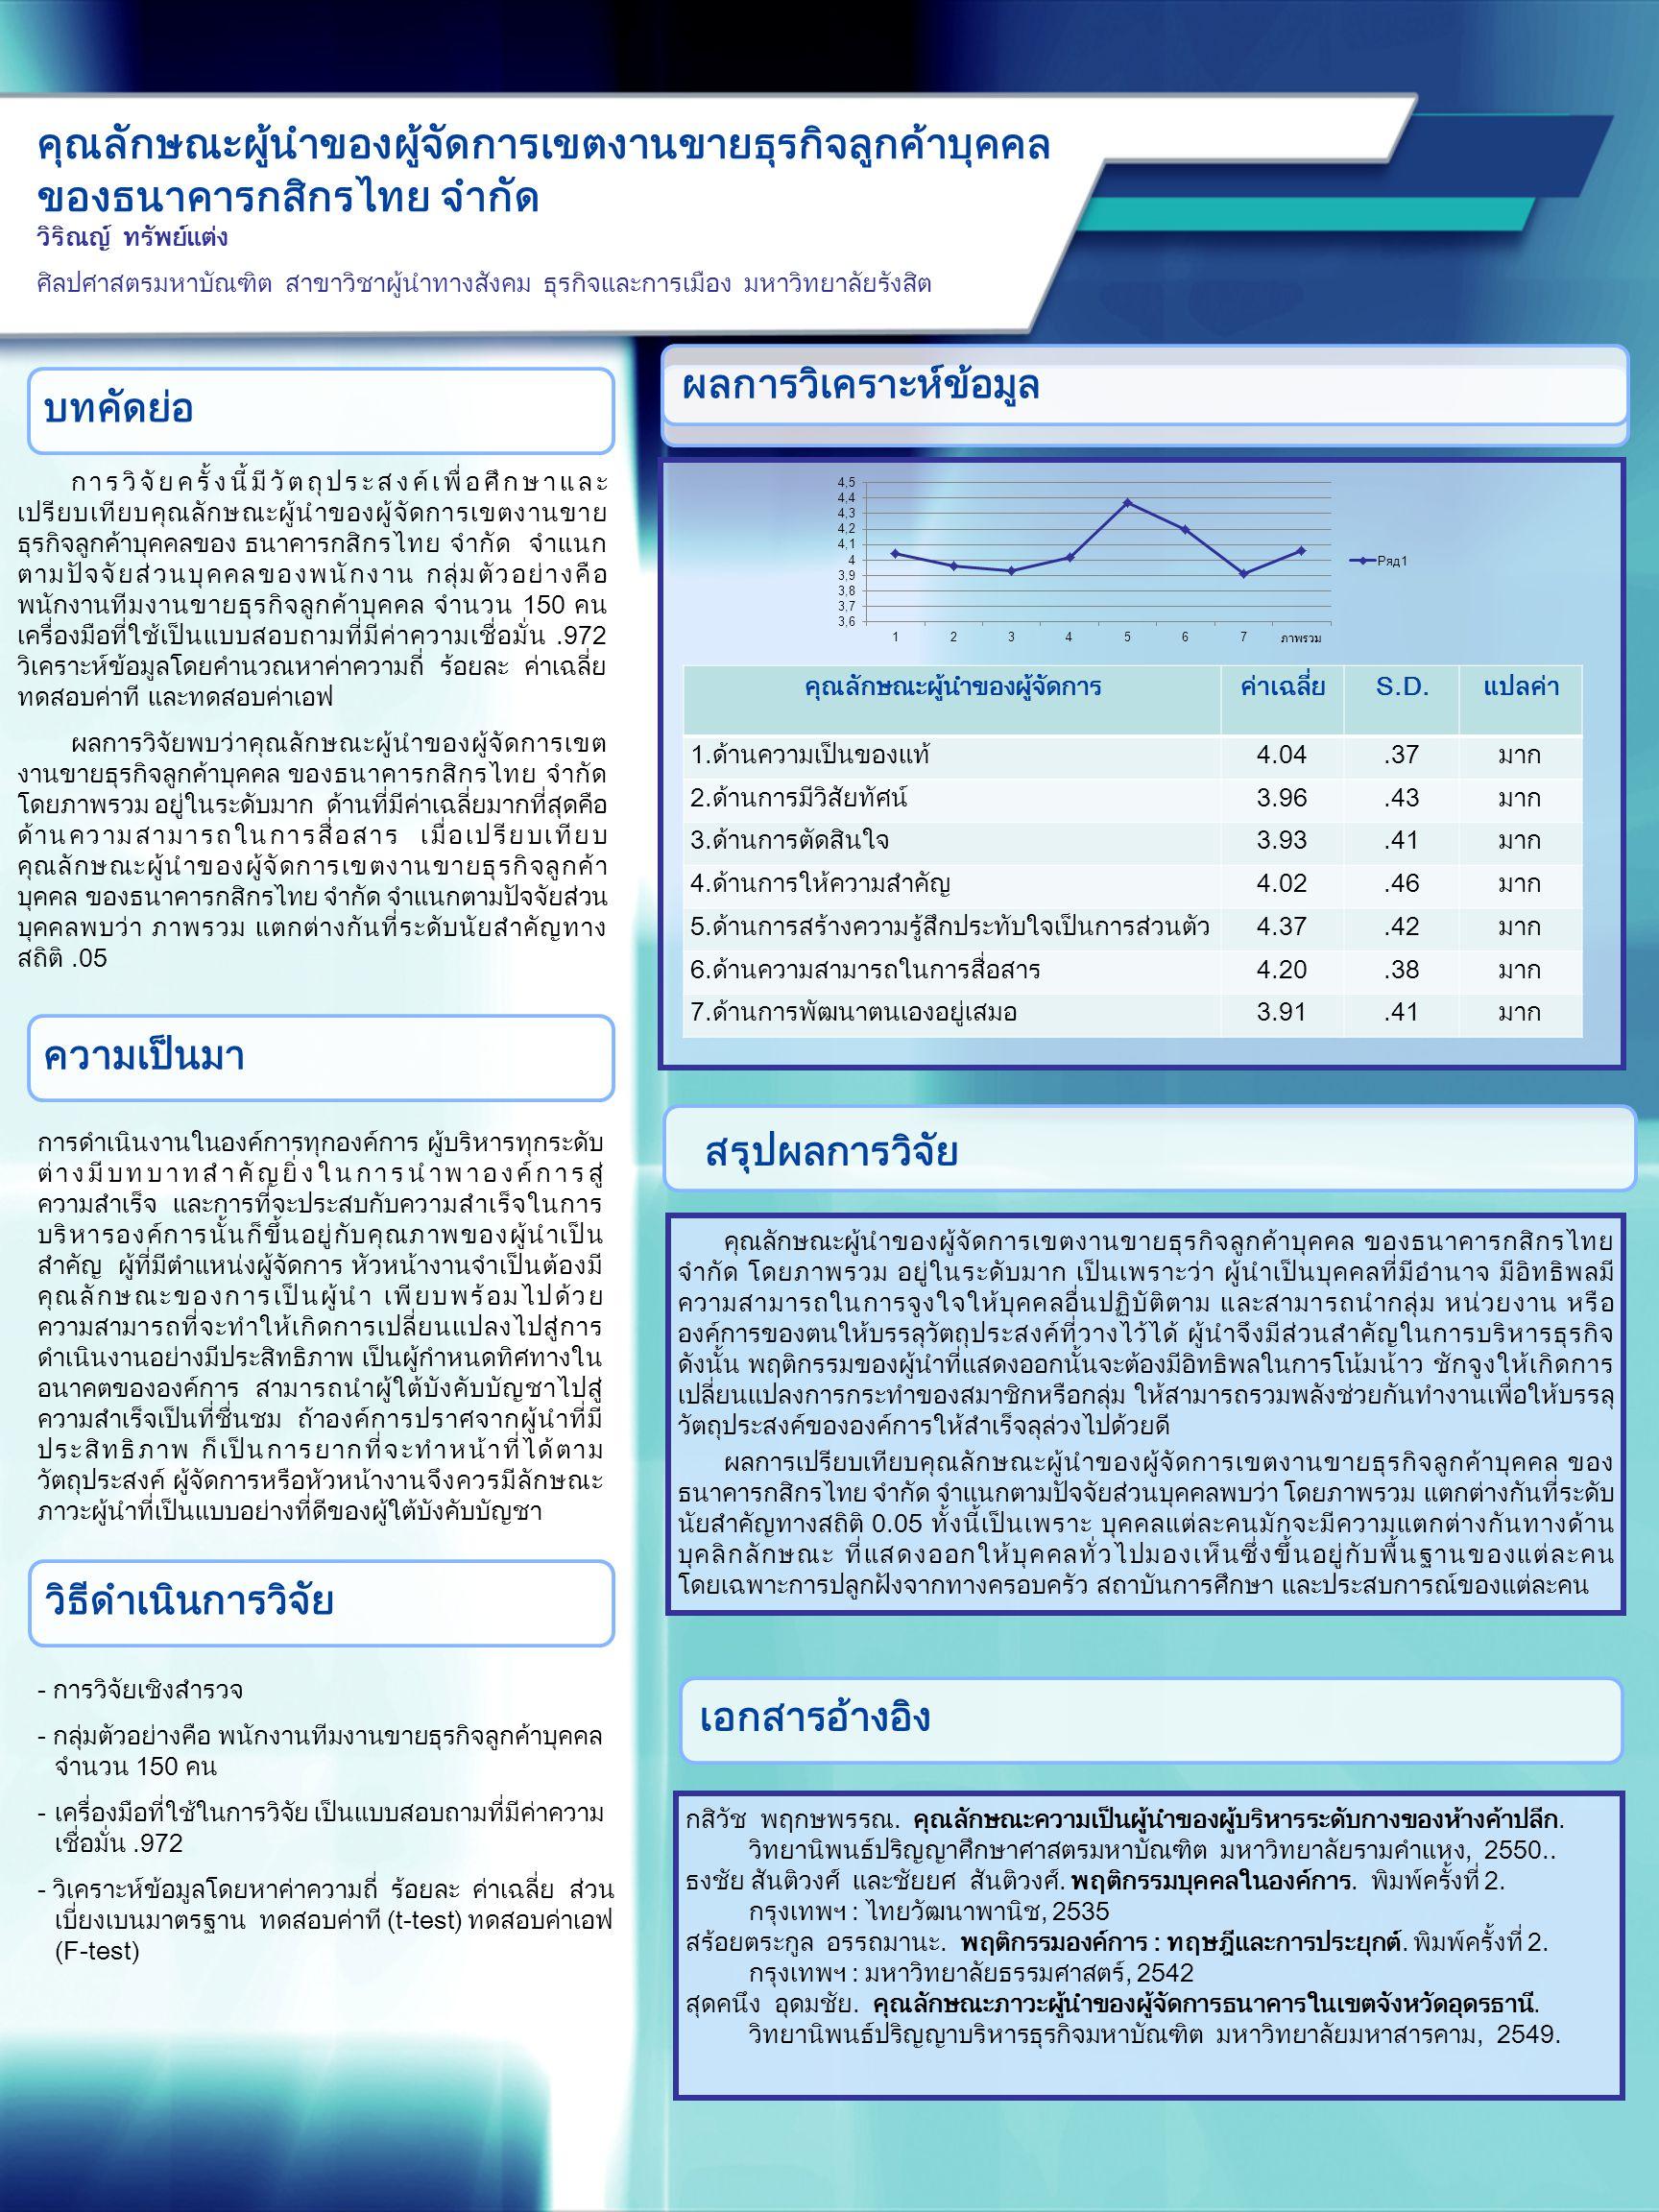 การวิจัยครั้งนี้มีวัตถุประสงค์เพื่อศึกษาและ เปรียบเทียบคุณลักษณะผู้นำของผู้จัดการเขตงานขาย ธุรกิจลูกค้าบุคคลของ ธนาคารกสิกรไทย จำกัด จำแนก ตามปัจจัยส่